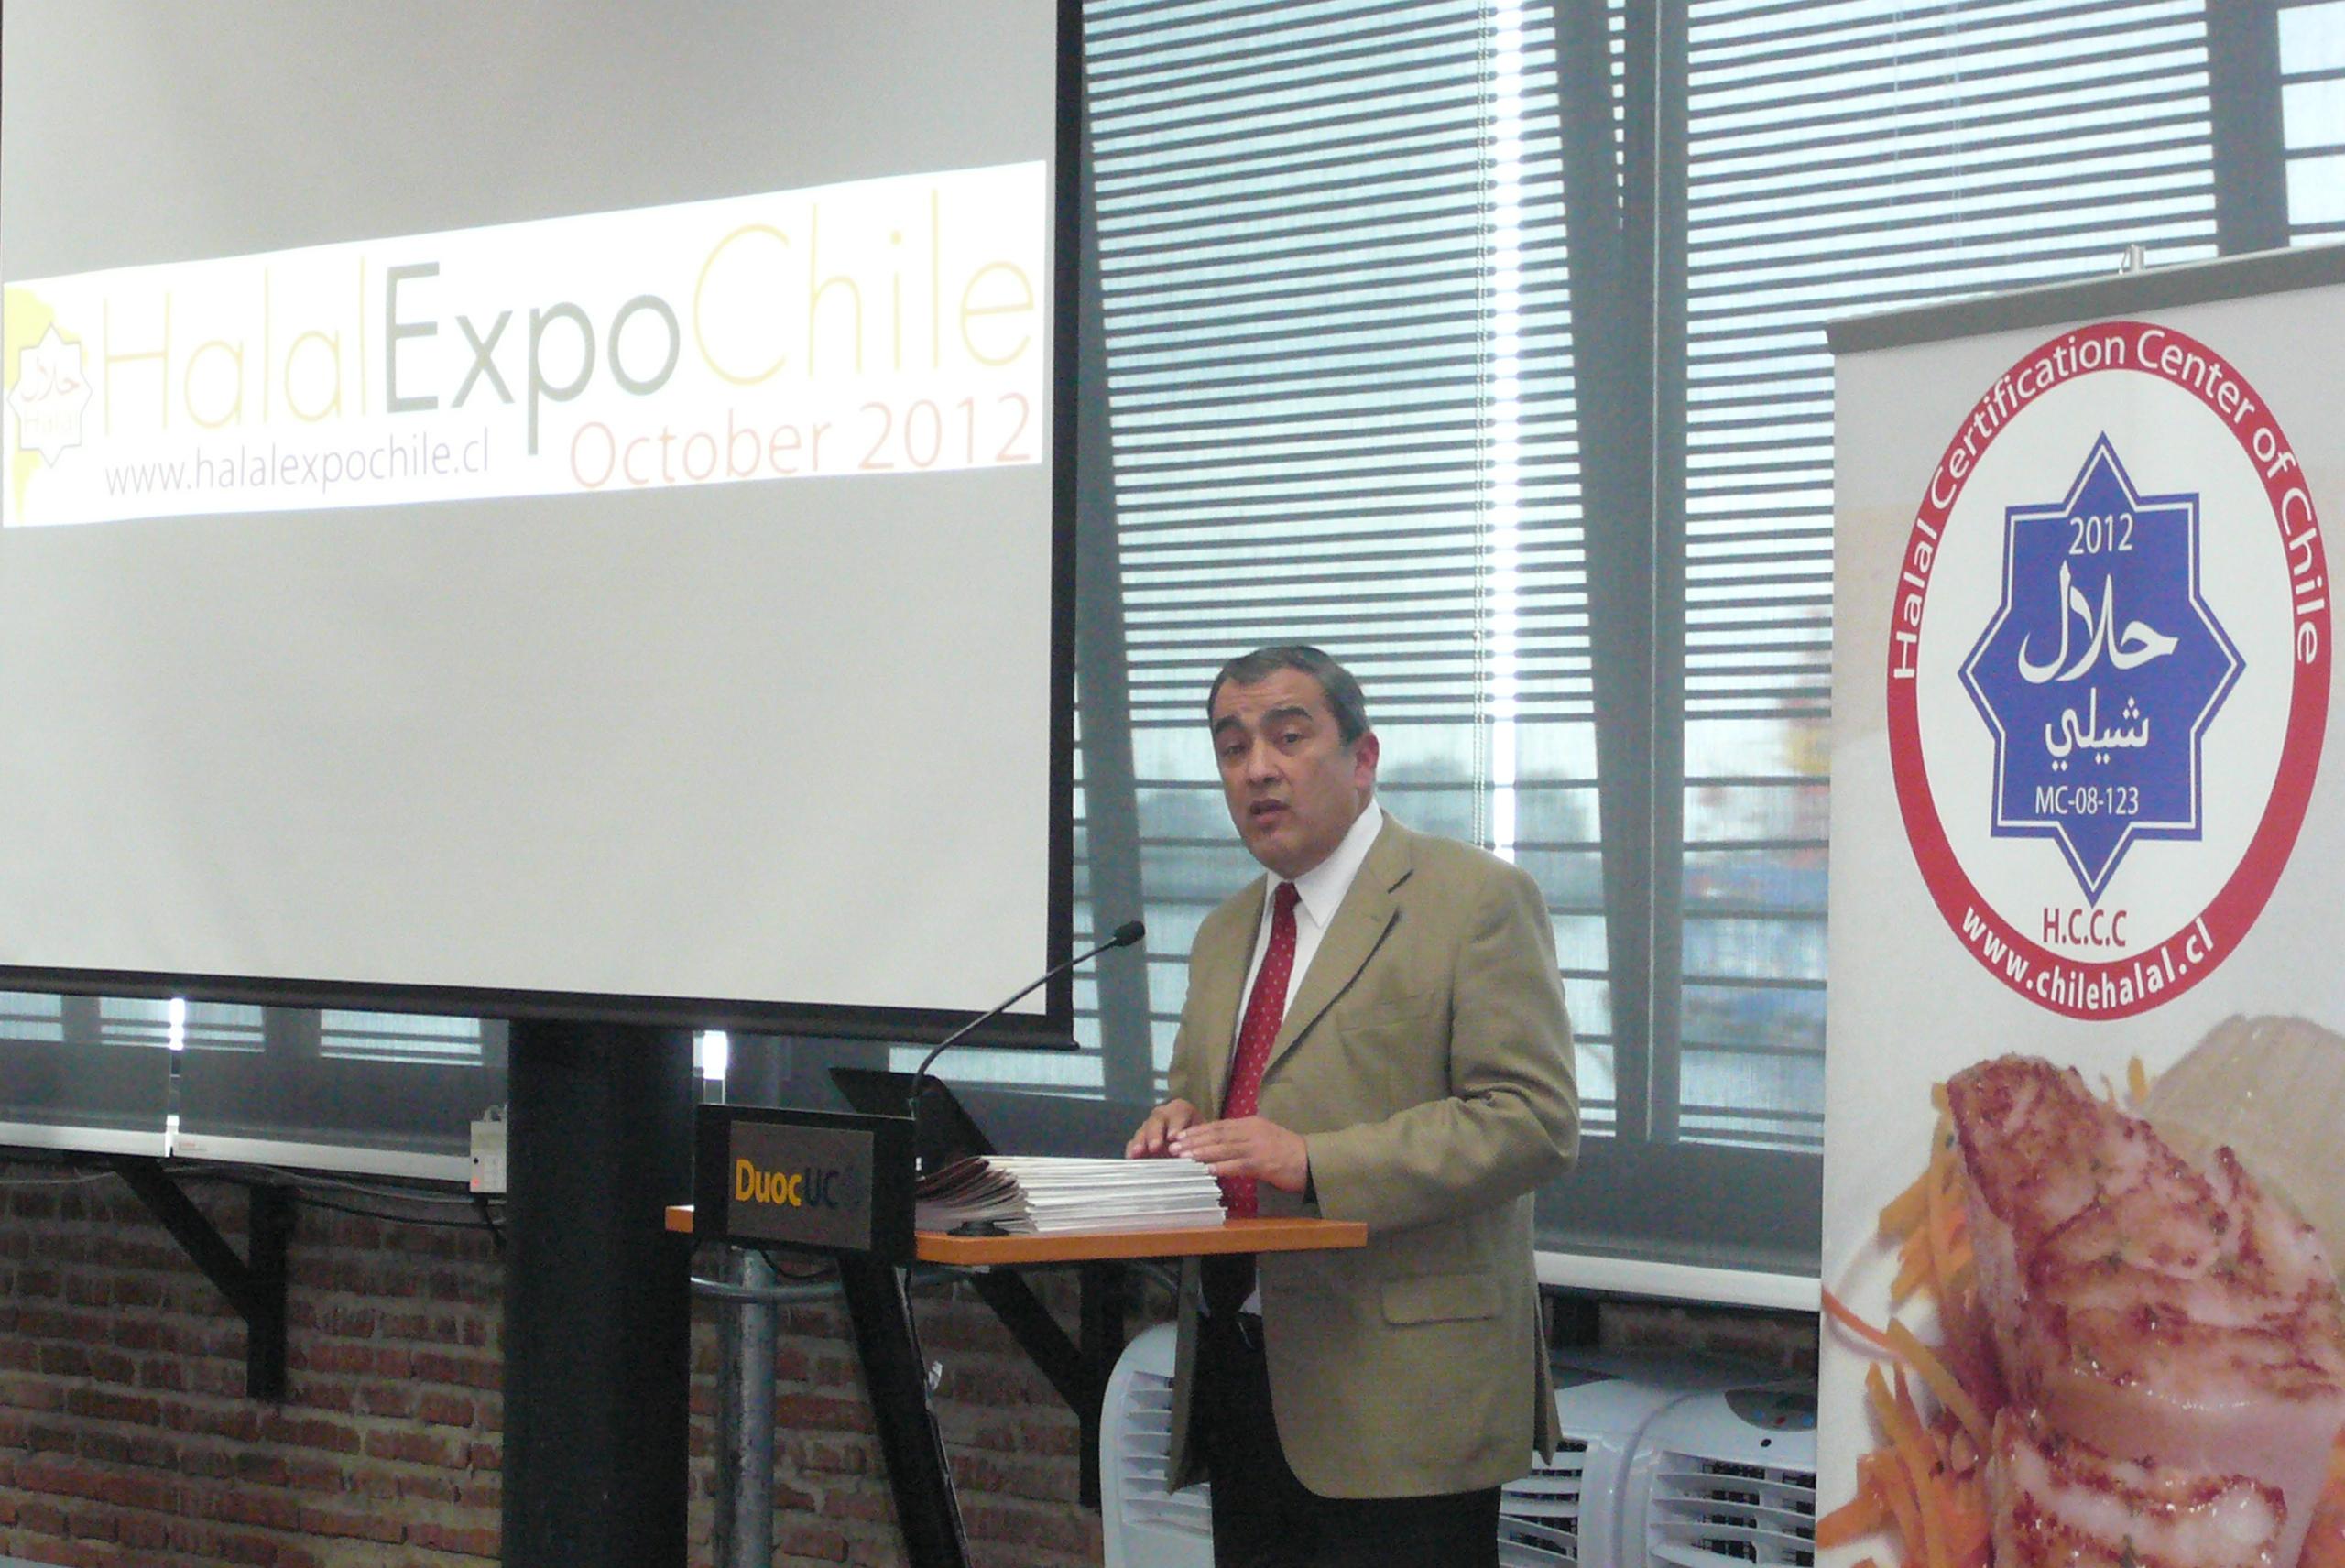 Una charla sobre Banca islámica y mercado halal a cargo del Luis Espinoza Brito, jefe de la carrera de Ingeniería Industrial de la Universidad de Playa Ancha.